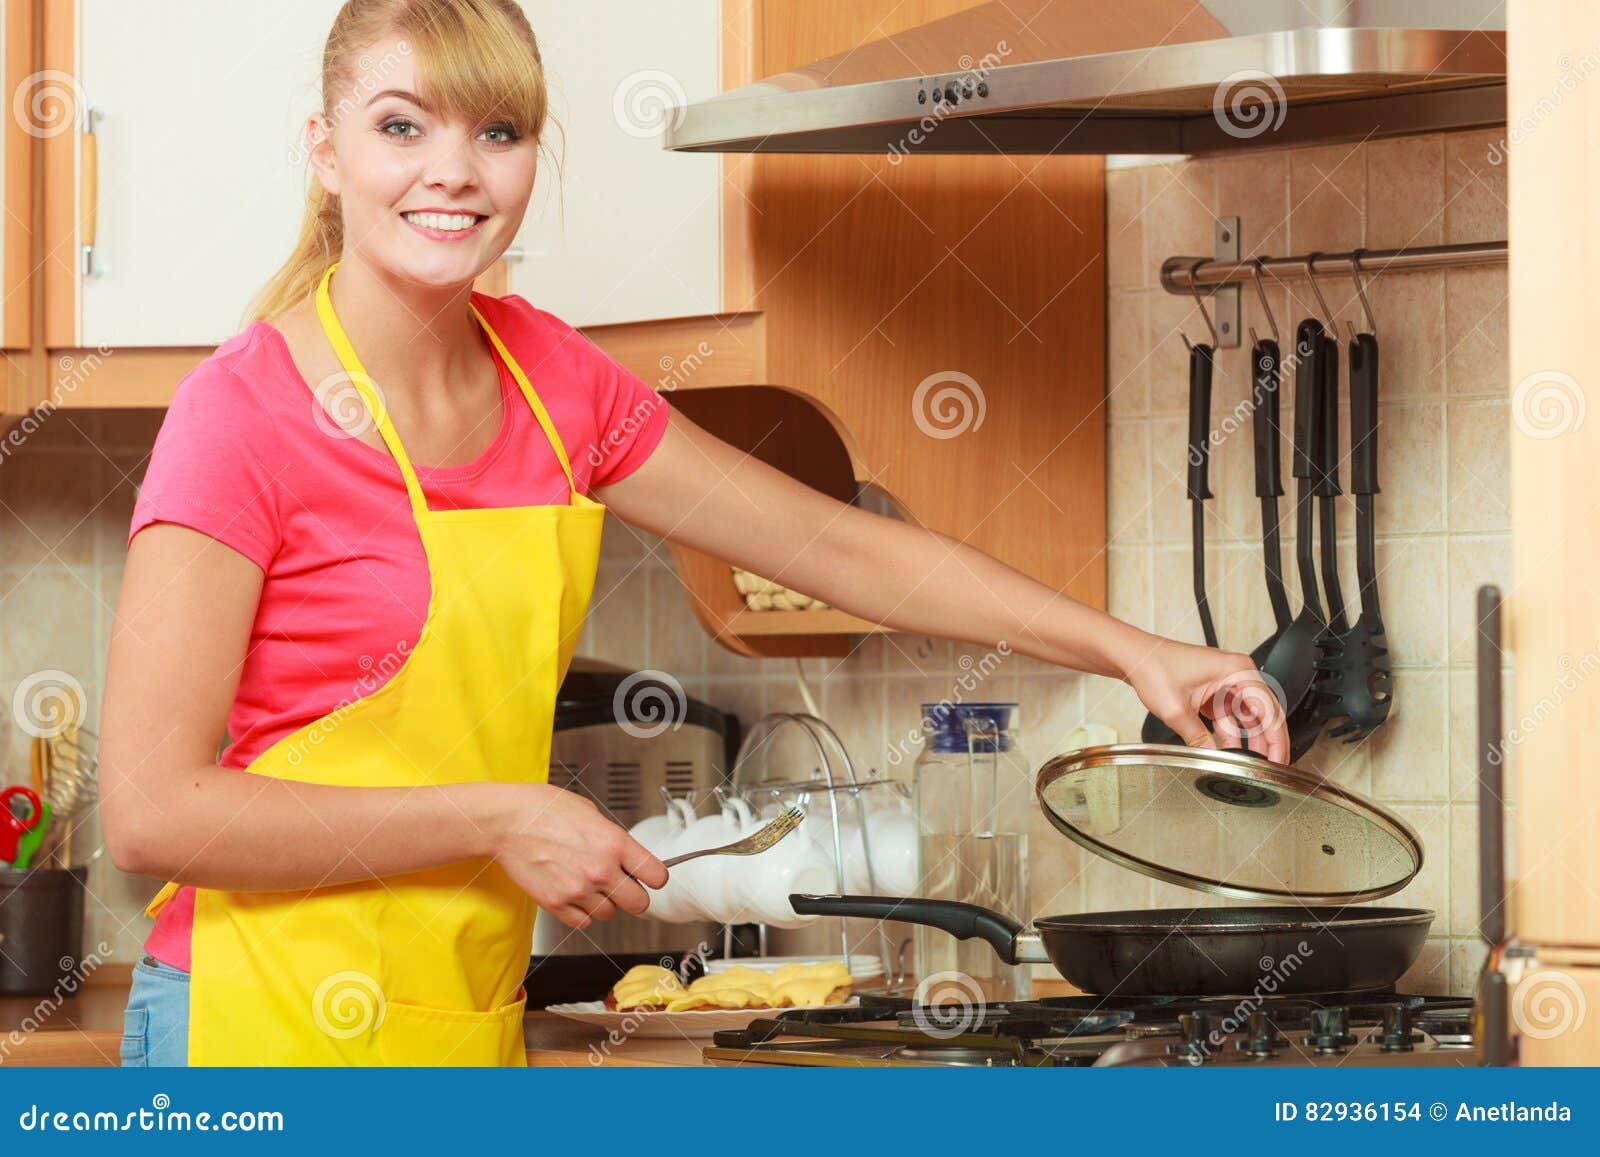 how to cook pork schnitzel in a frying pan